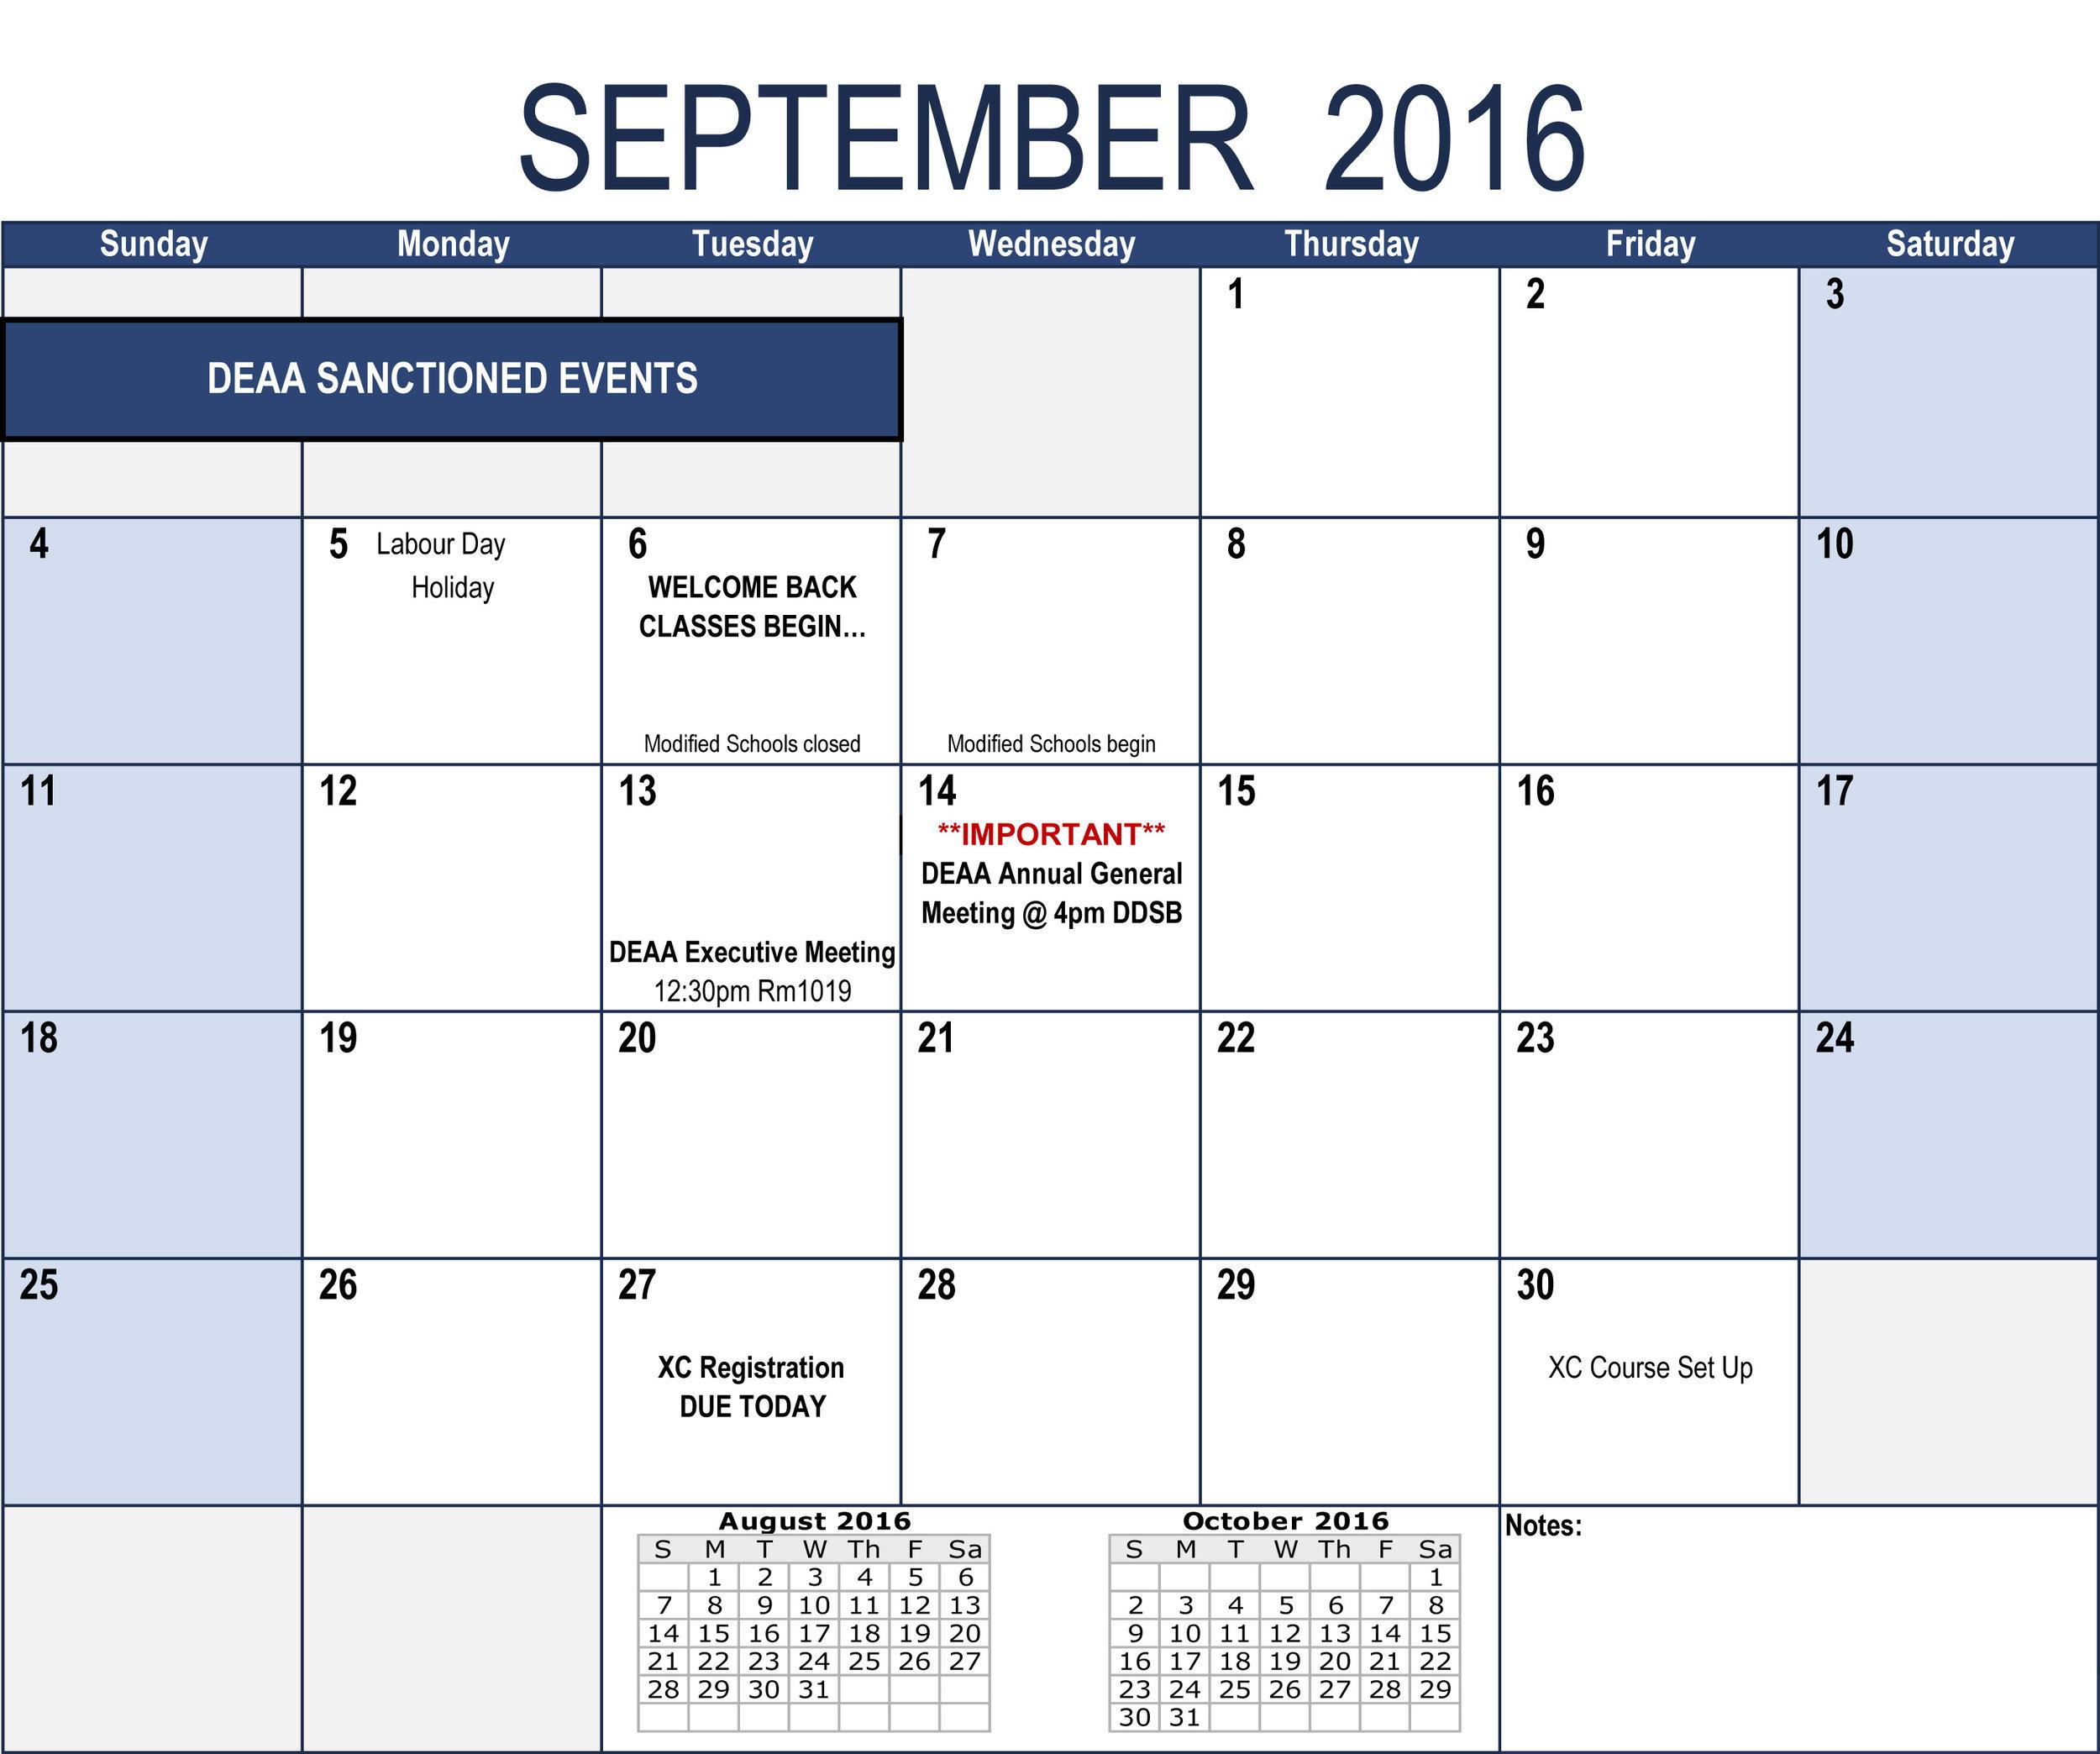 2016-2017-deaa-calendar-1.jpg